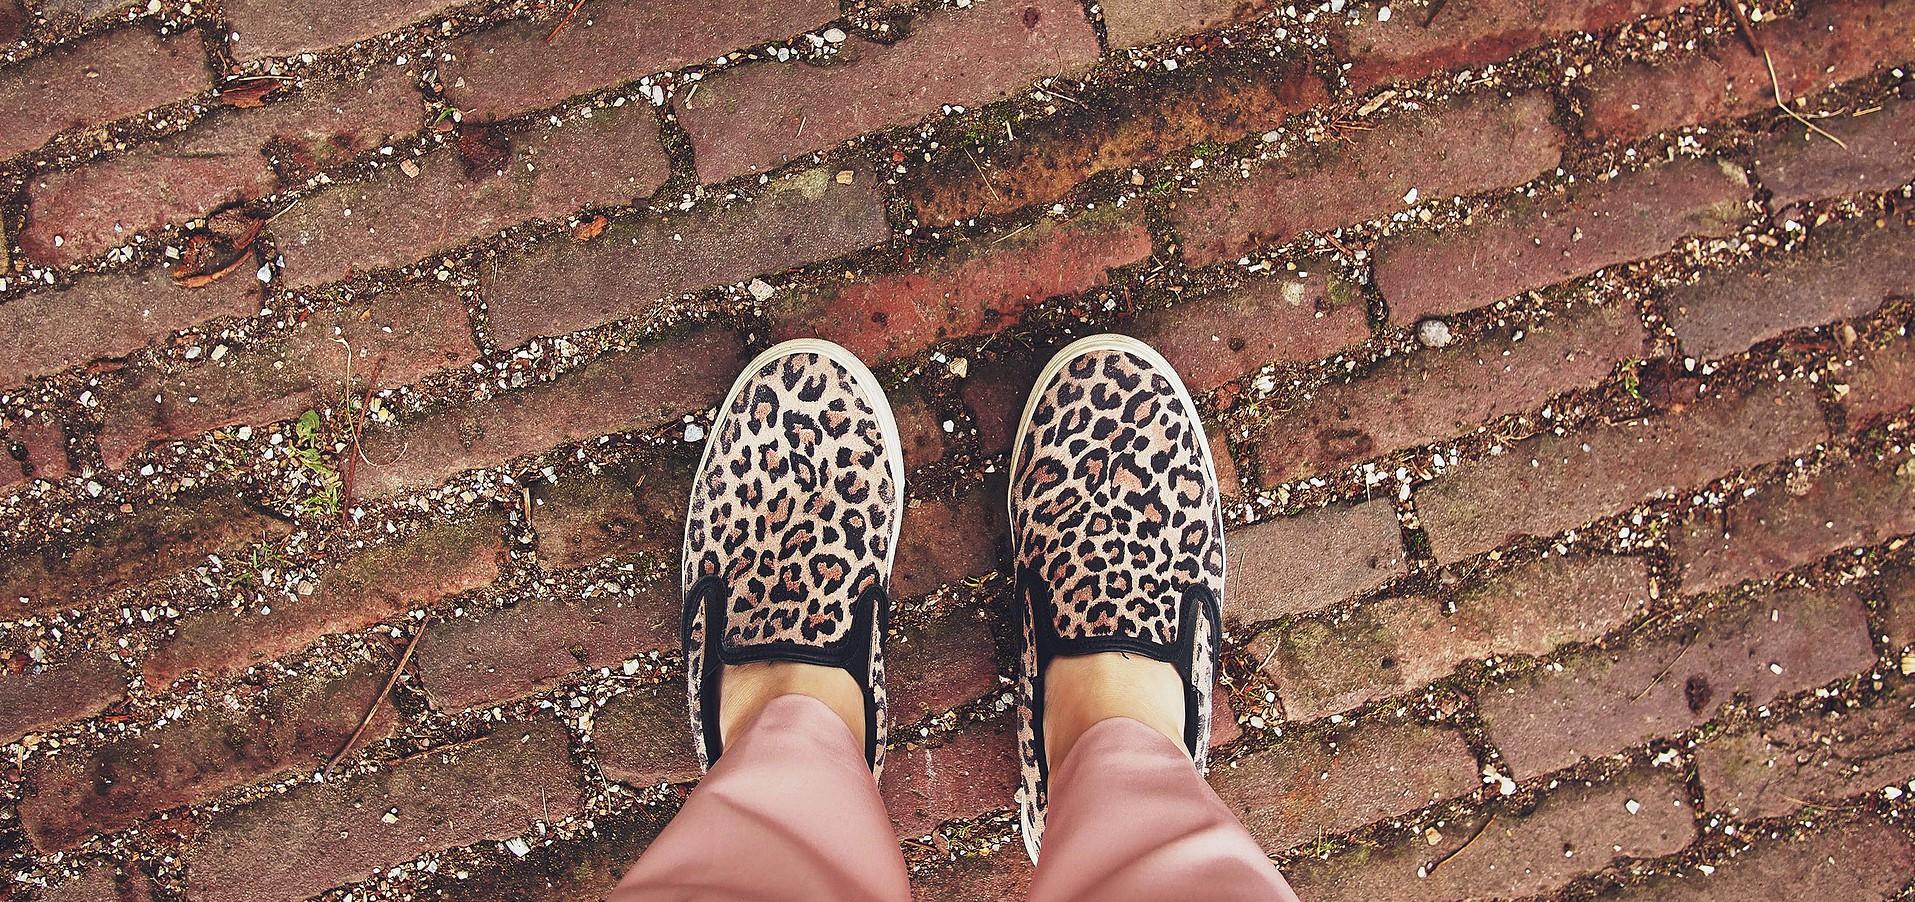 2d887d5ac0 ... będziesz mogła zamienić je na nieco lżejsze buty wiosenne. Sprawdź